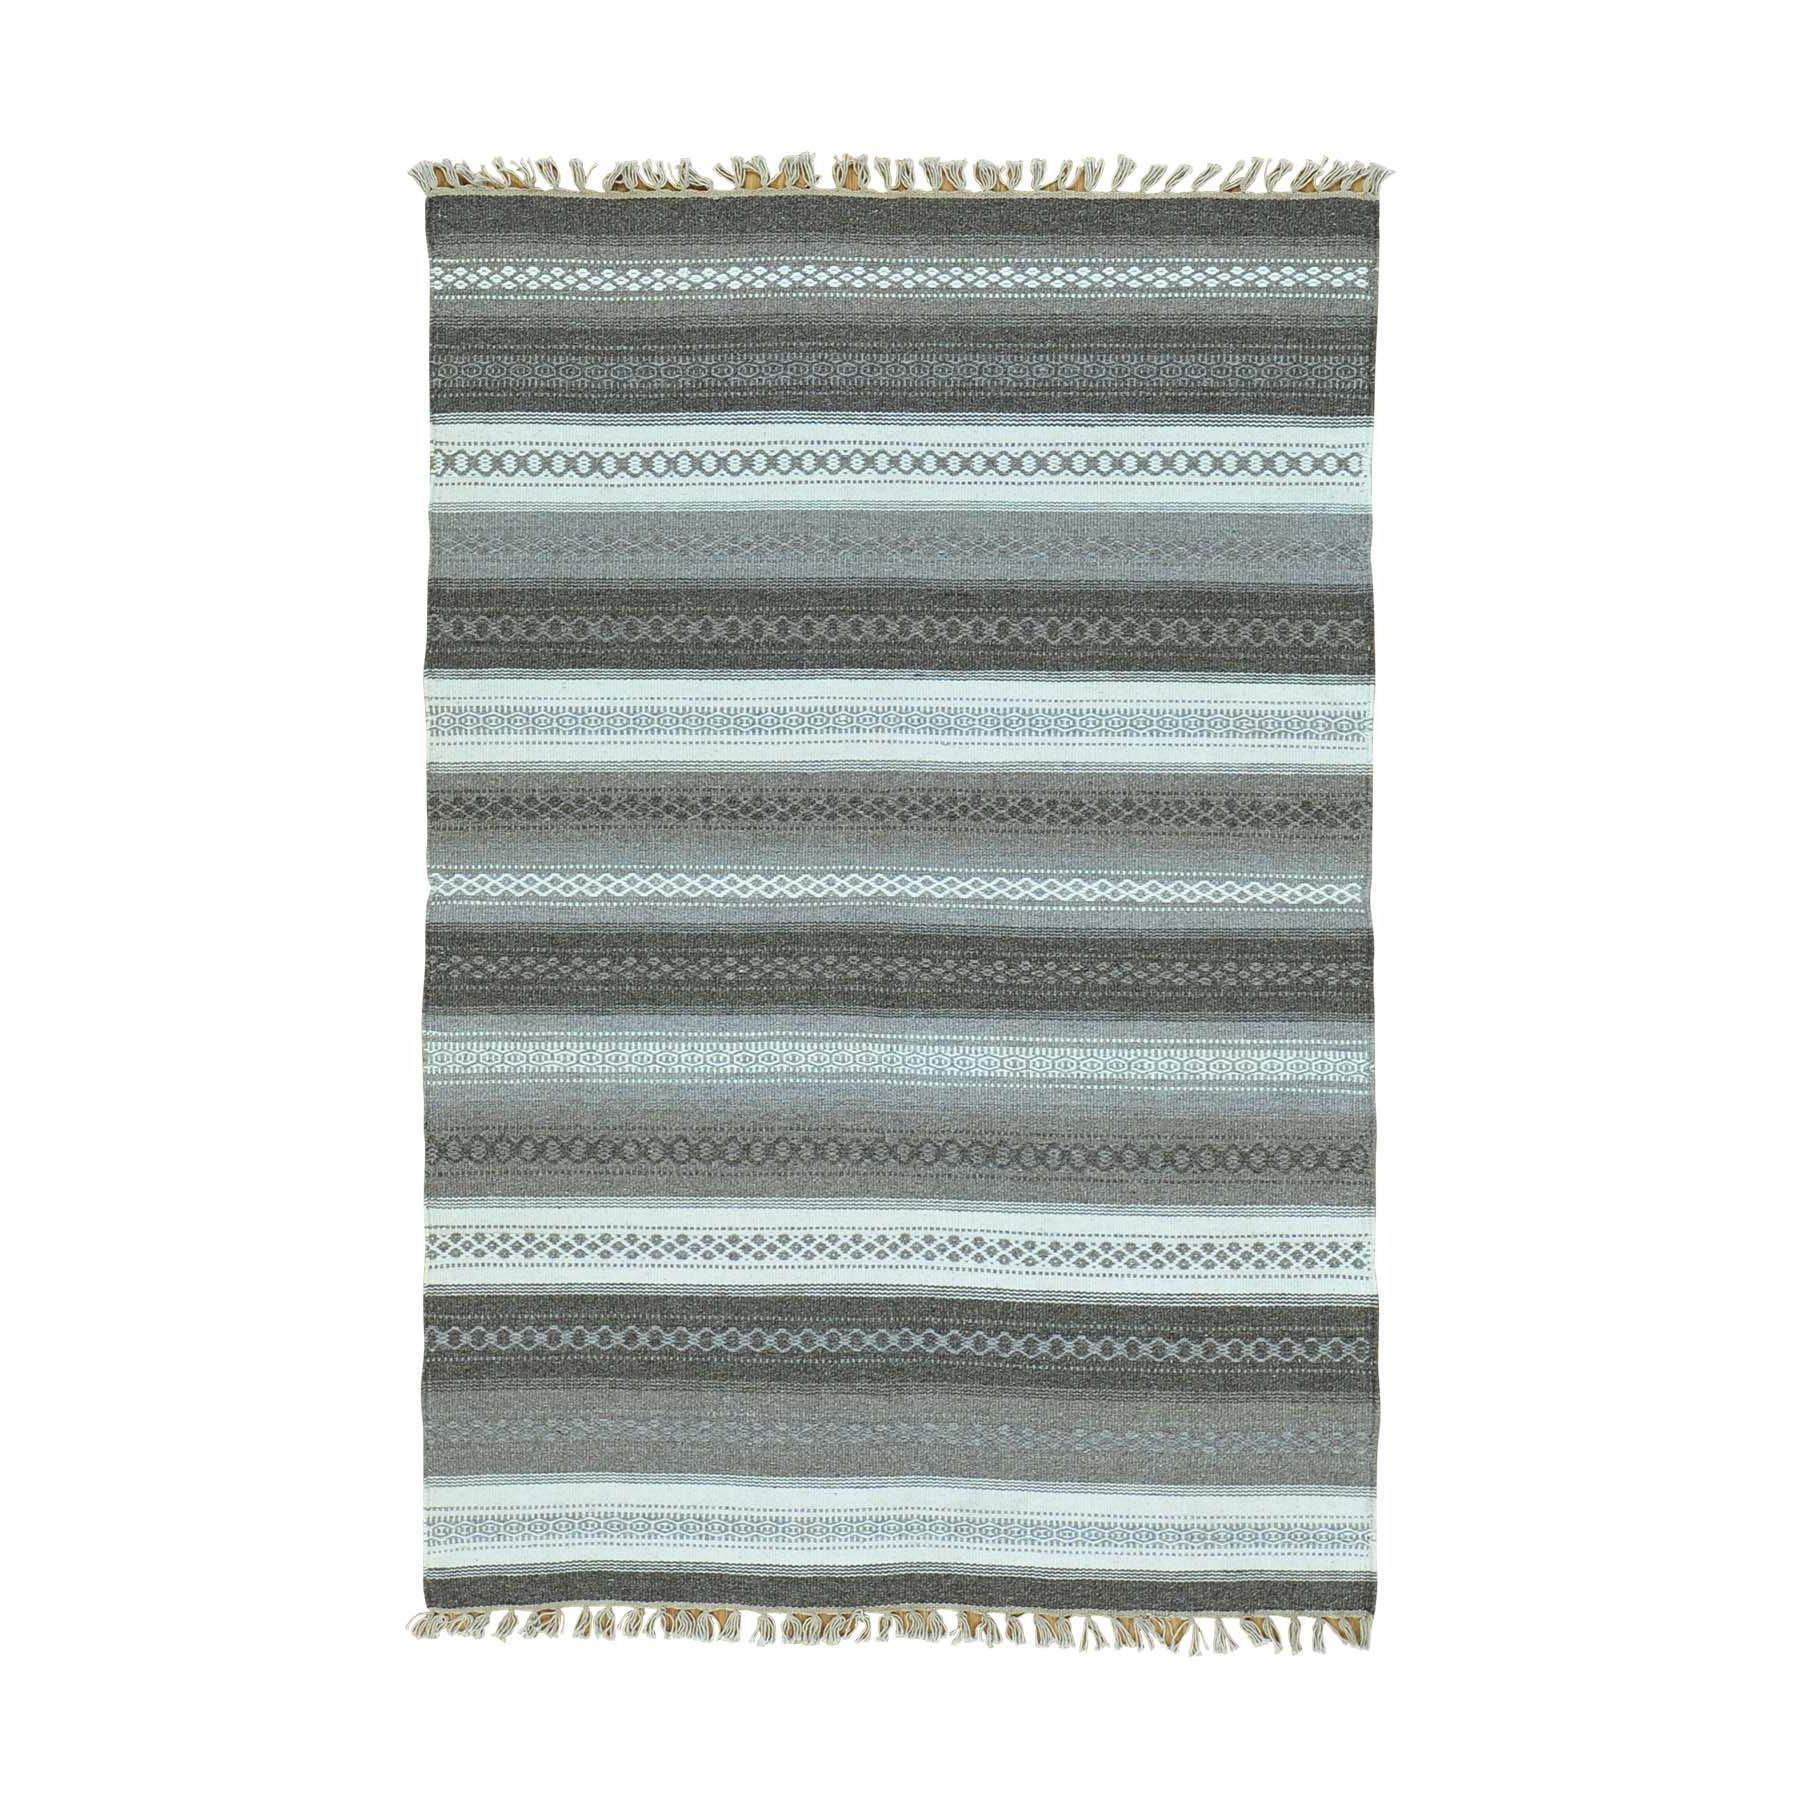 Fine Kilim Collection Hand Woven Multicolored Rug No: 0160158